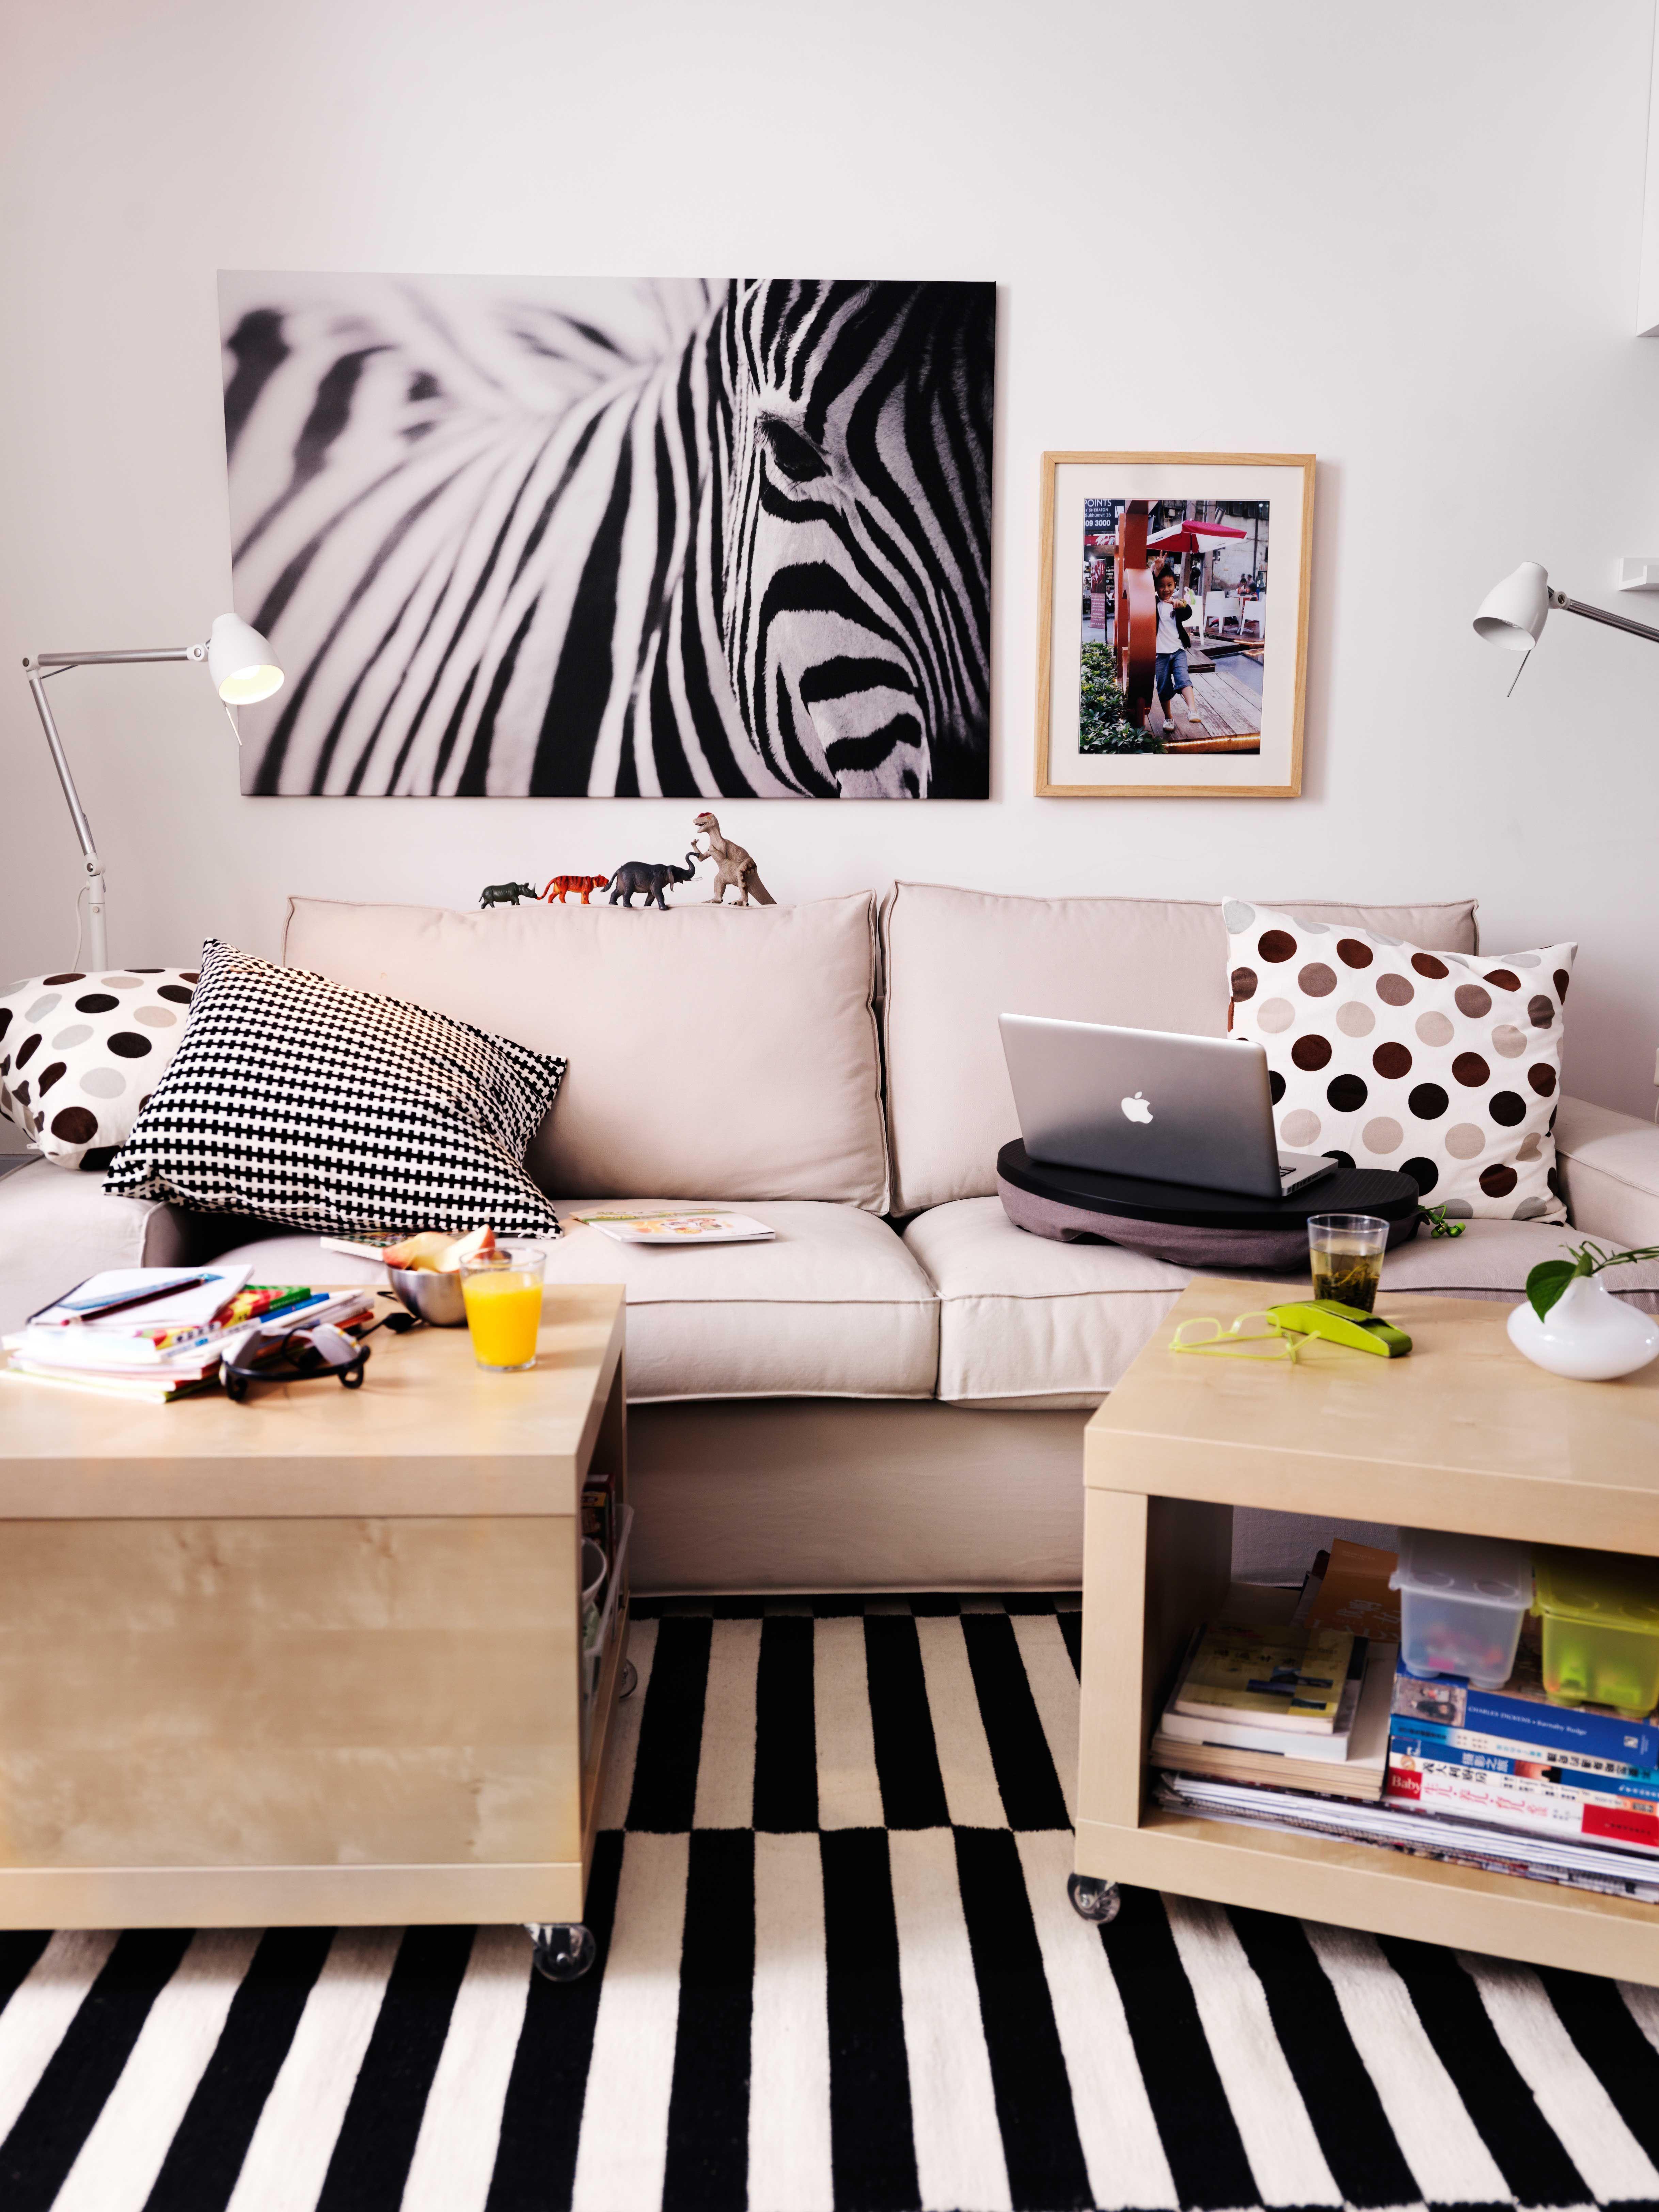 Wohnzimmer  Wohnzimmermbel online kaufen  Decorating  Home furnishings Ikea home Home